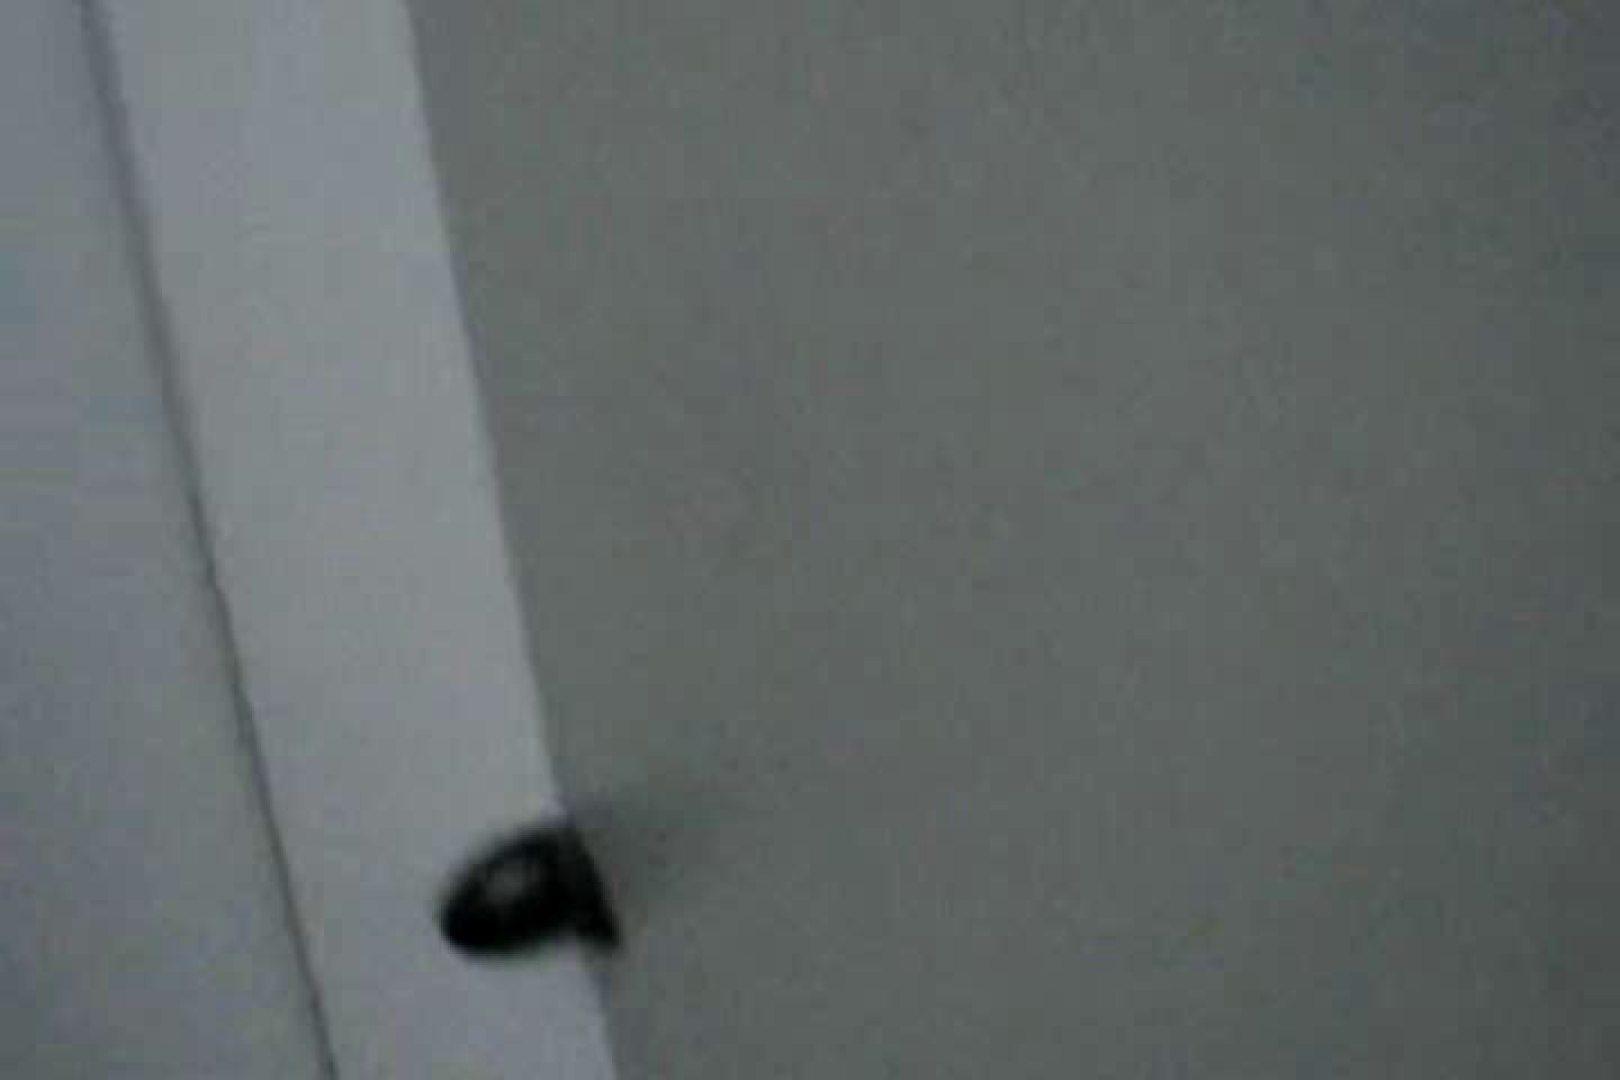 ぼっとん洗面所スペシャルVol.7 洗面所 | すけべなOL  106画像 91